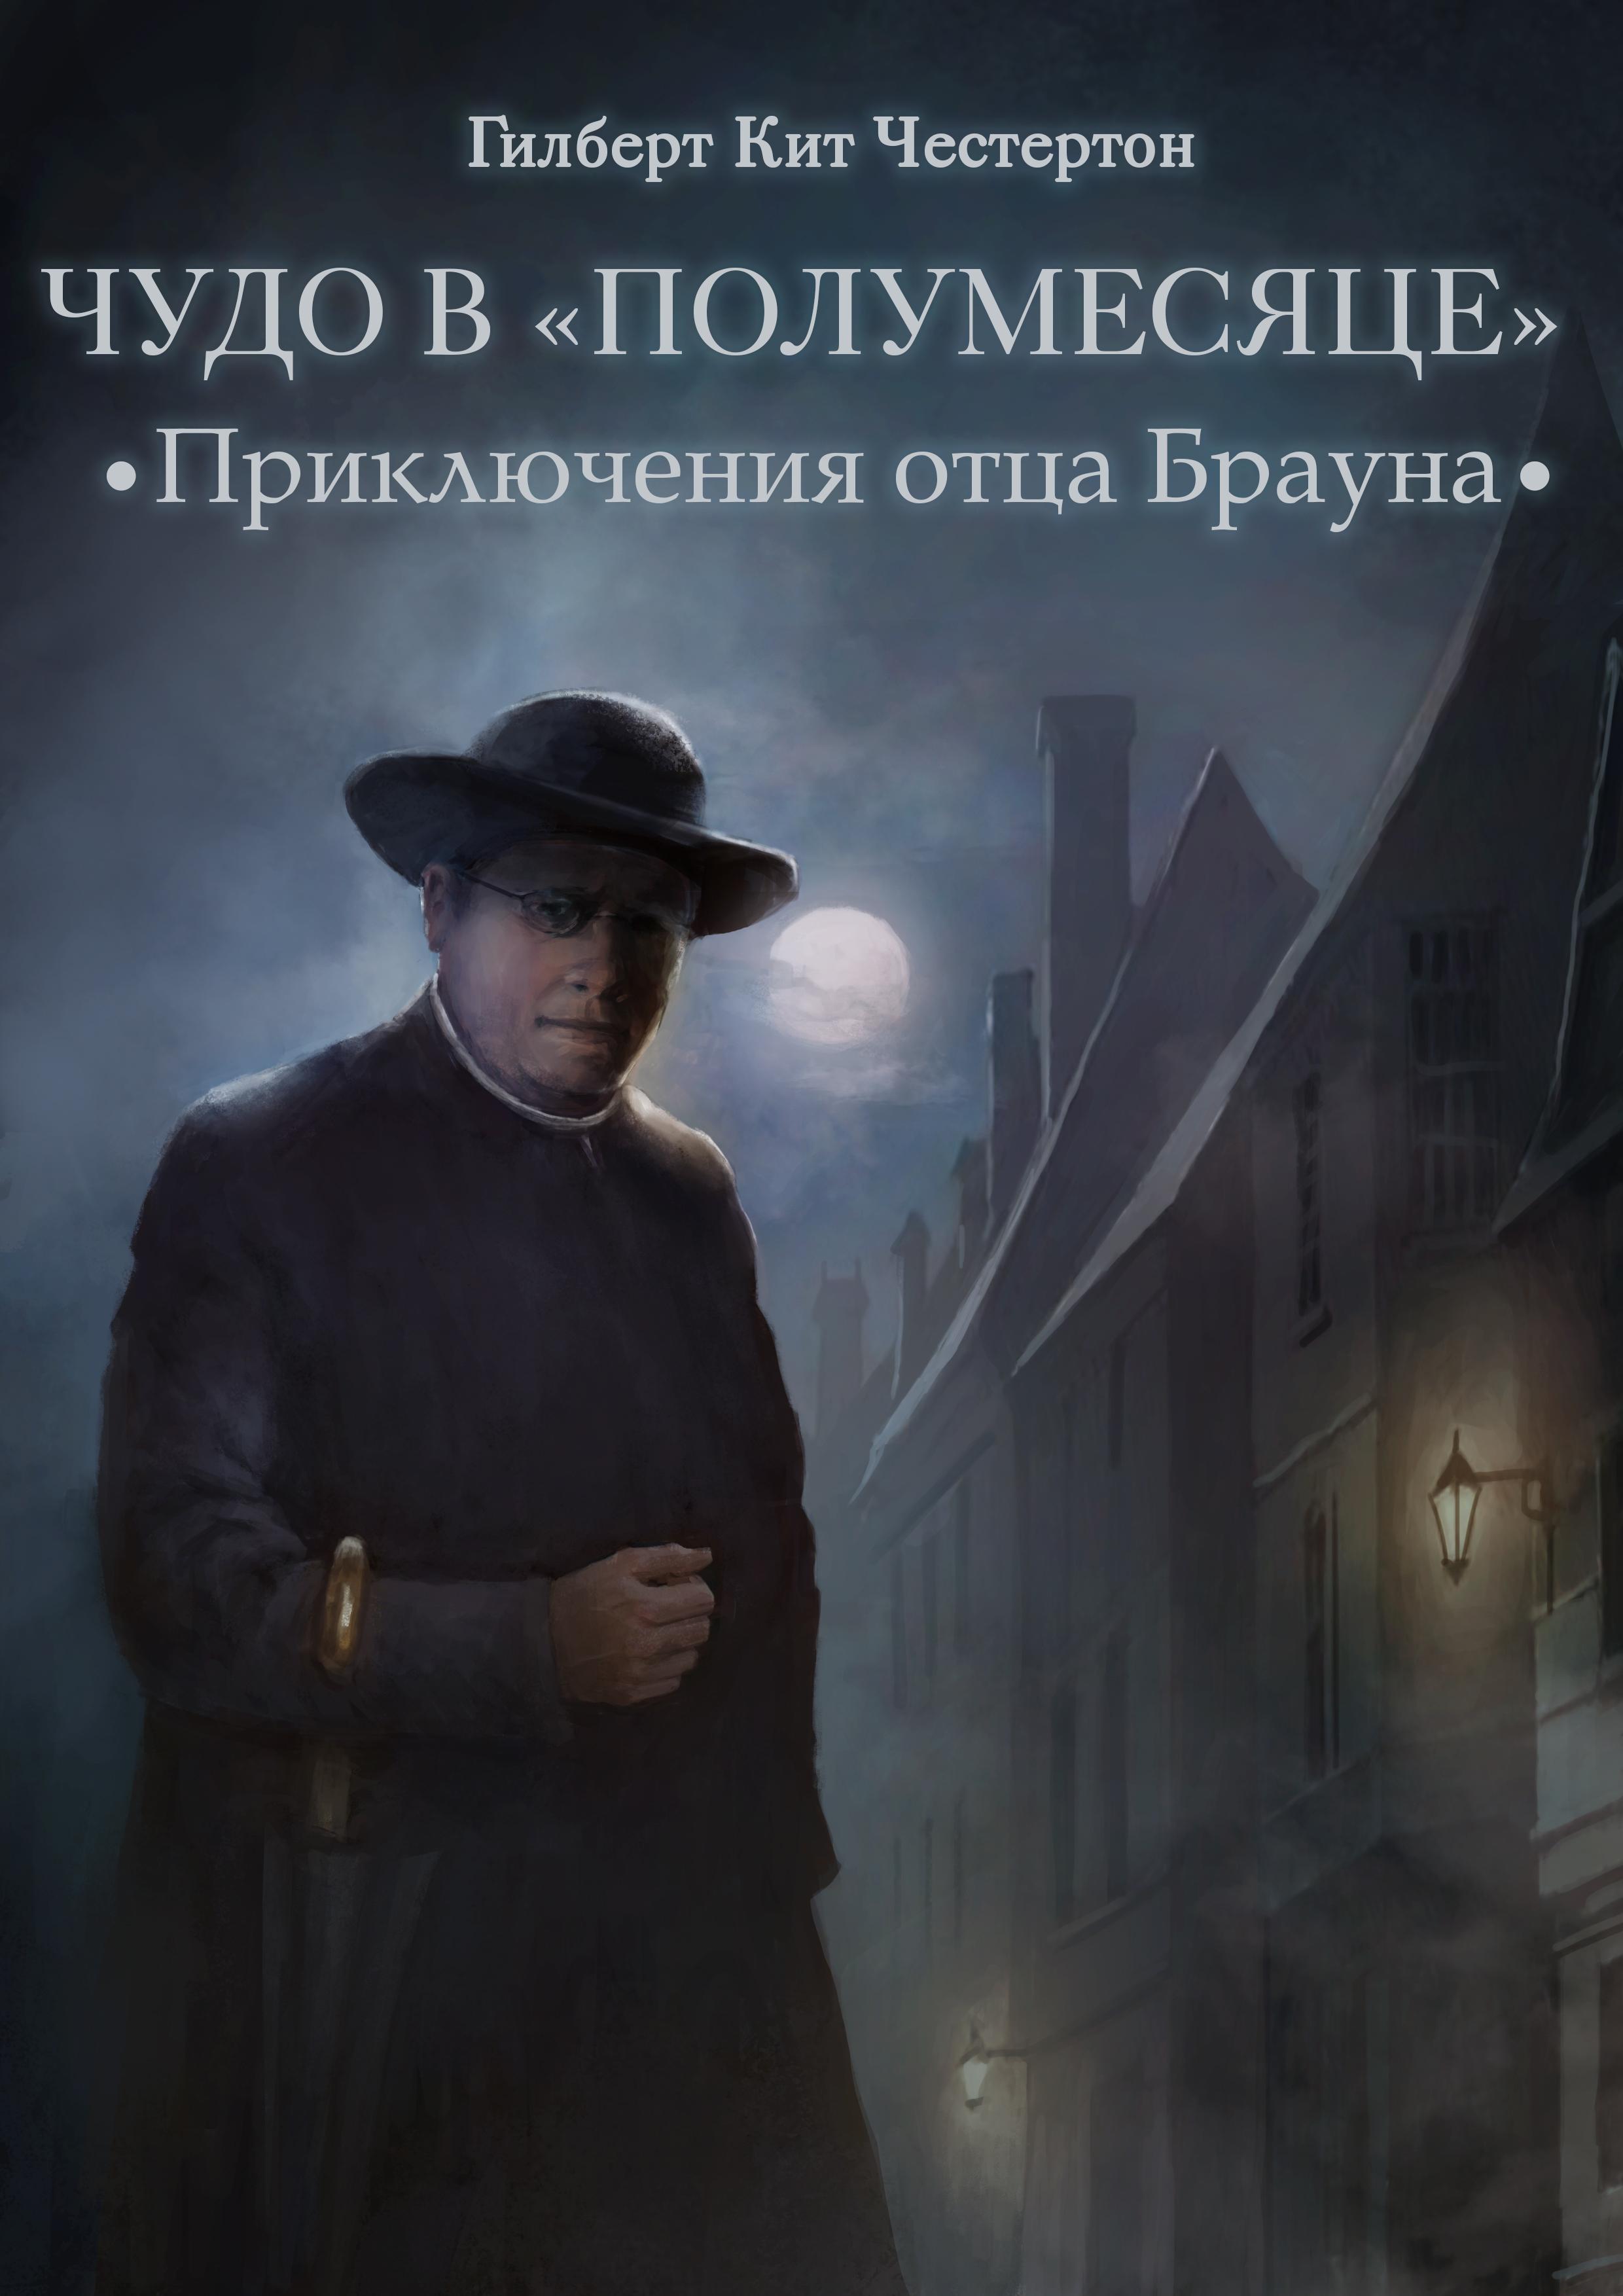 Гилберт Честертон Чудо в «Полумесяце» (спектакль) валерий михайлов виктор